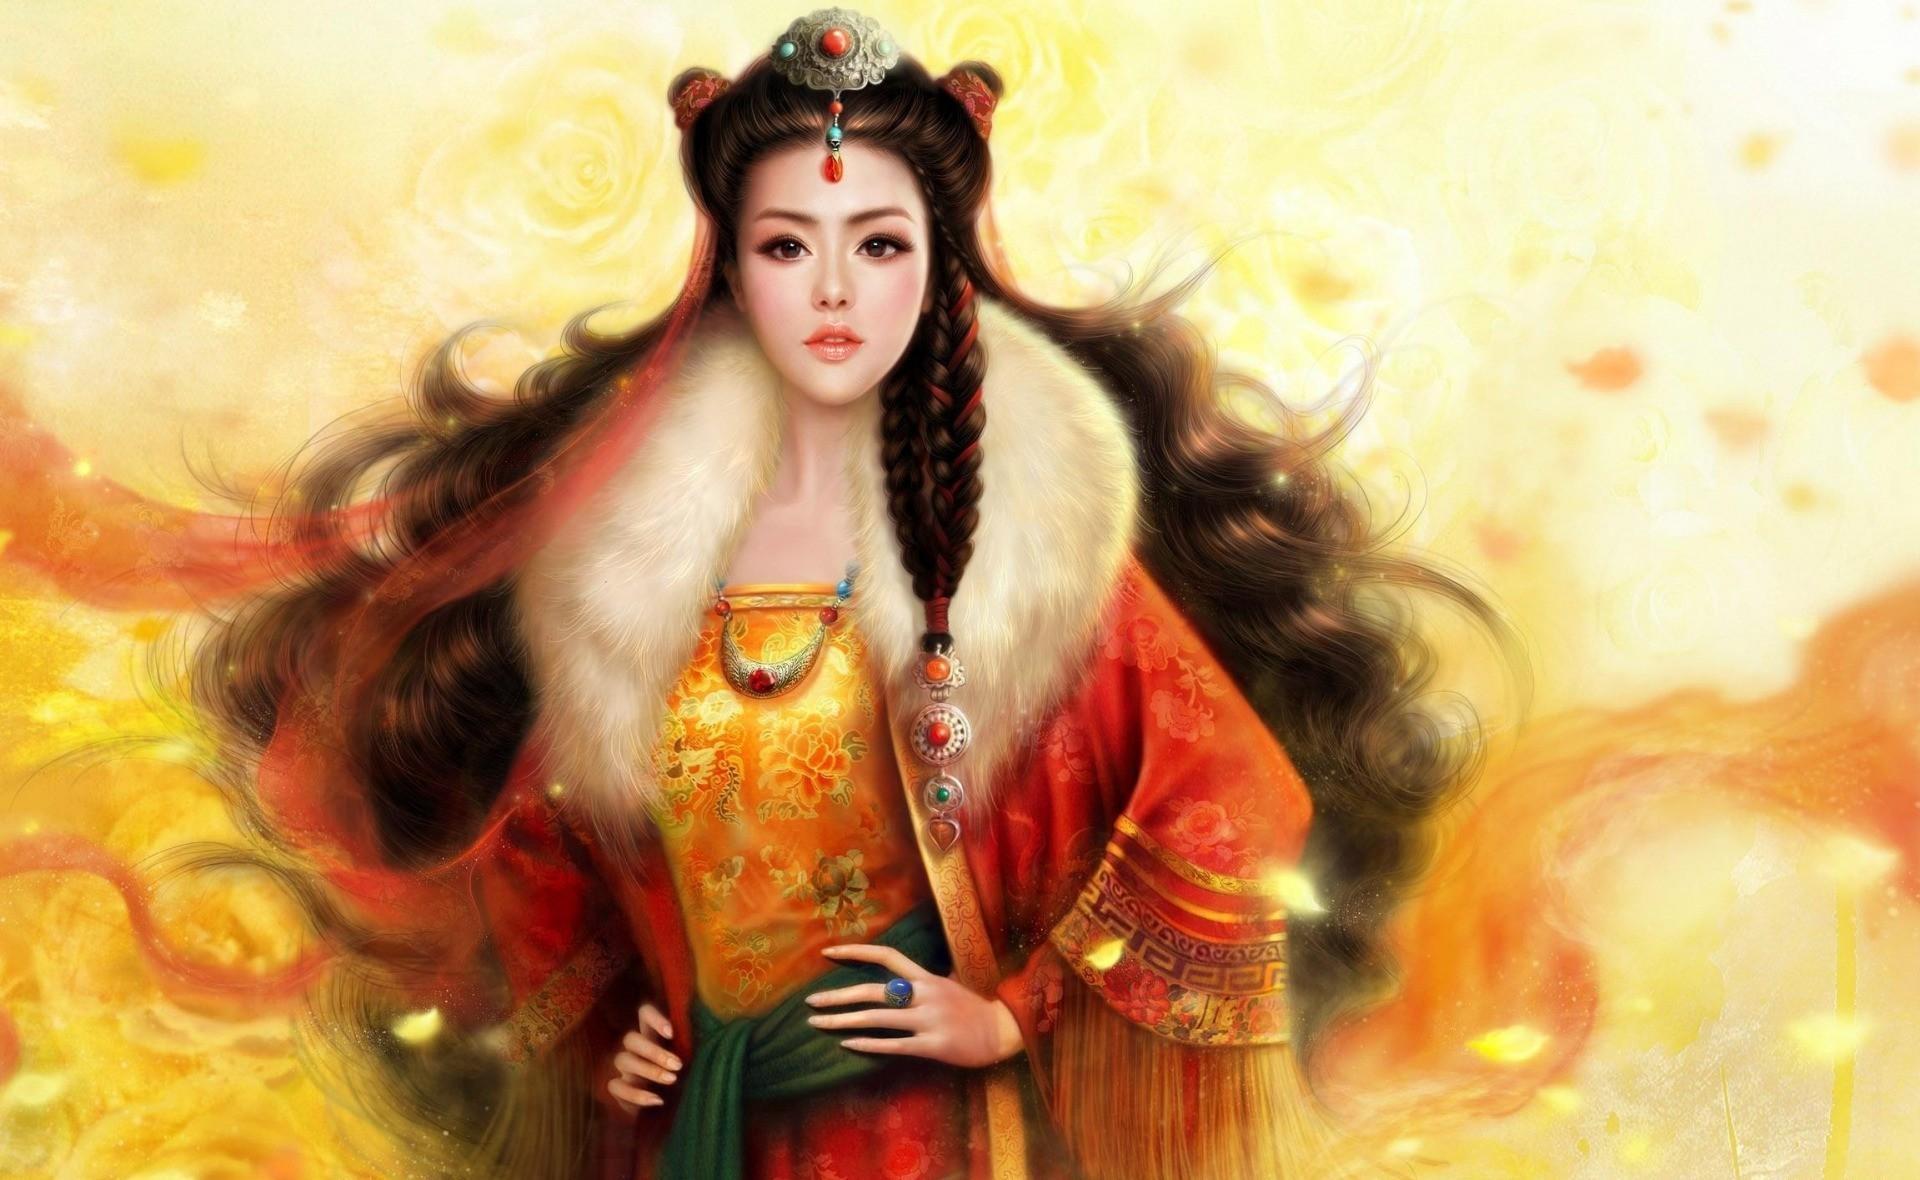 114740 скачать обои Девушка, Фэнтези, Волосы, Костюм, Азиатка - заставки и картинки бесплатно